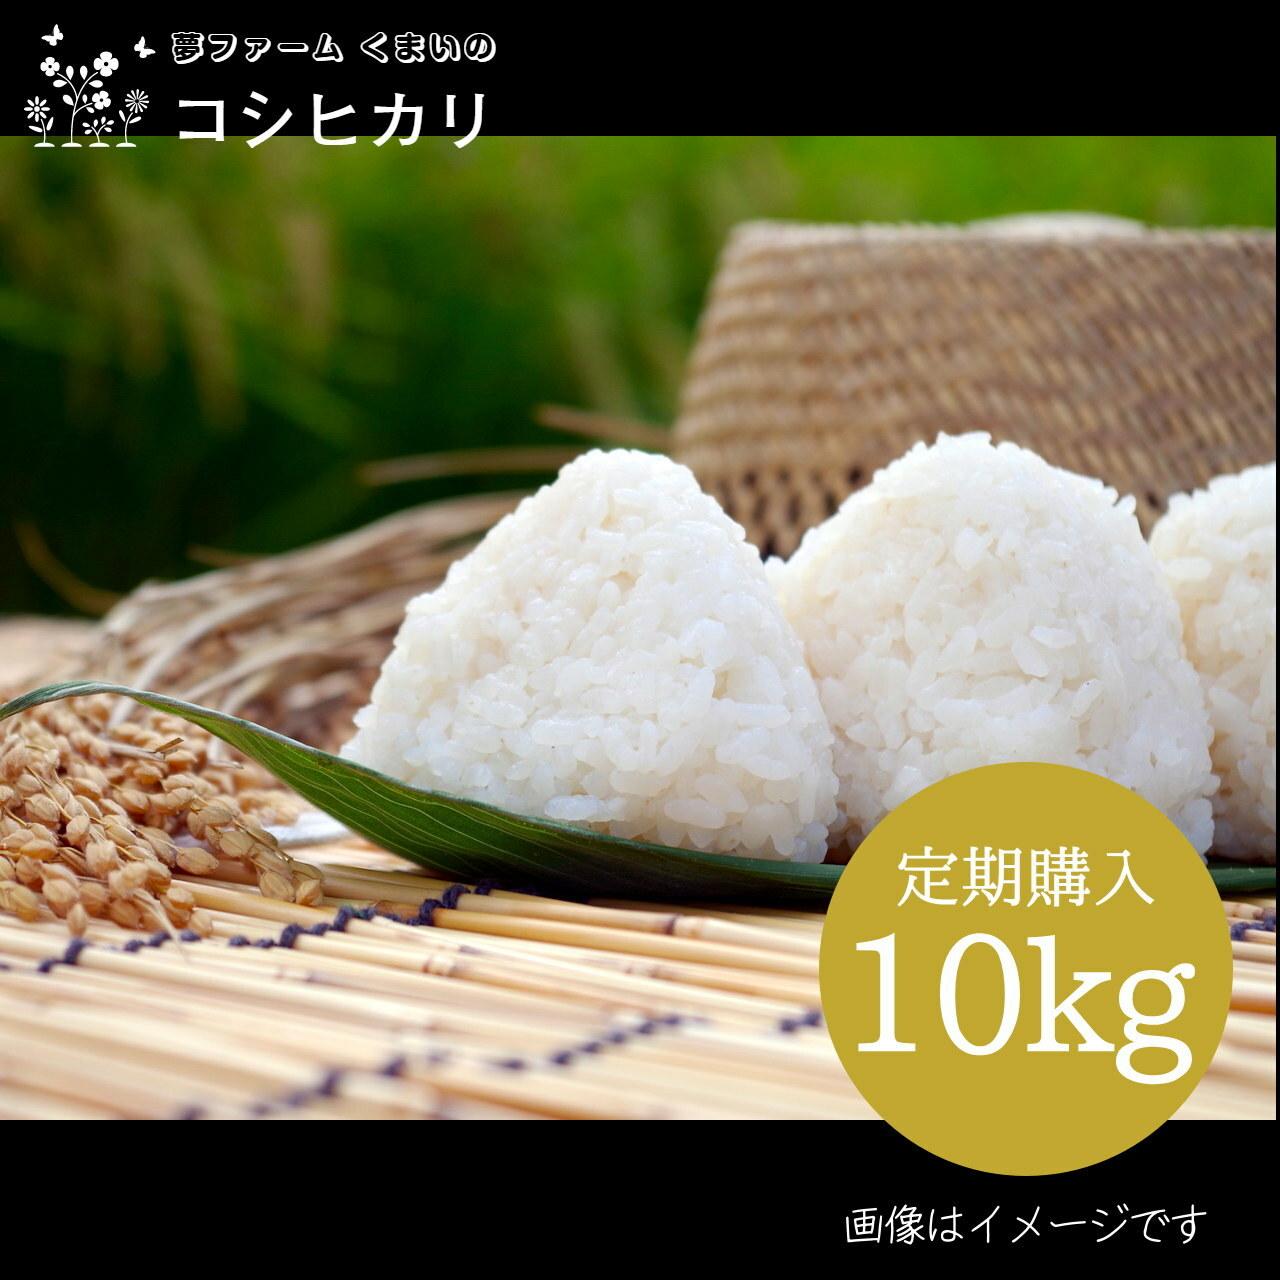 米 10kg コシヒカリ 送料無料 定期購入 白米 - 夢ファームくまい